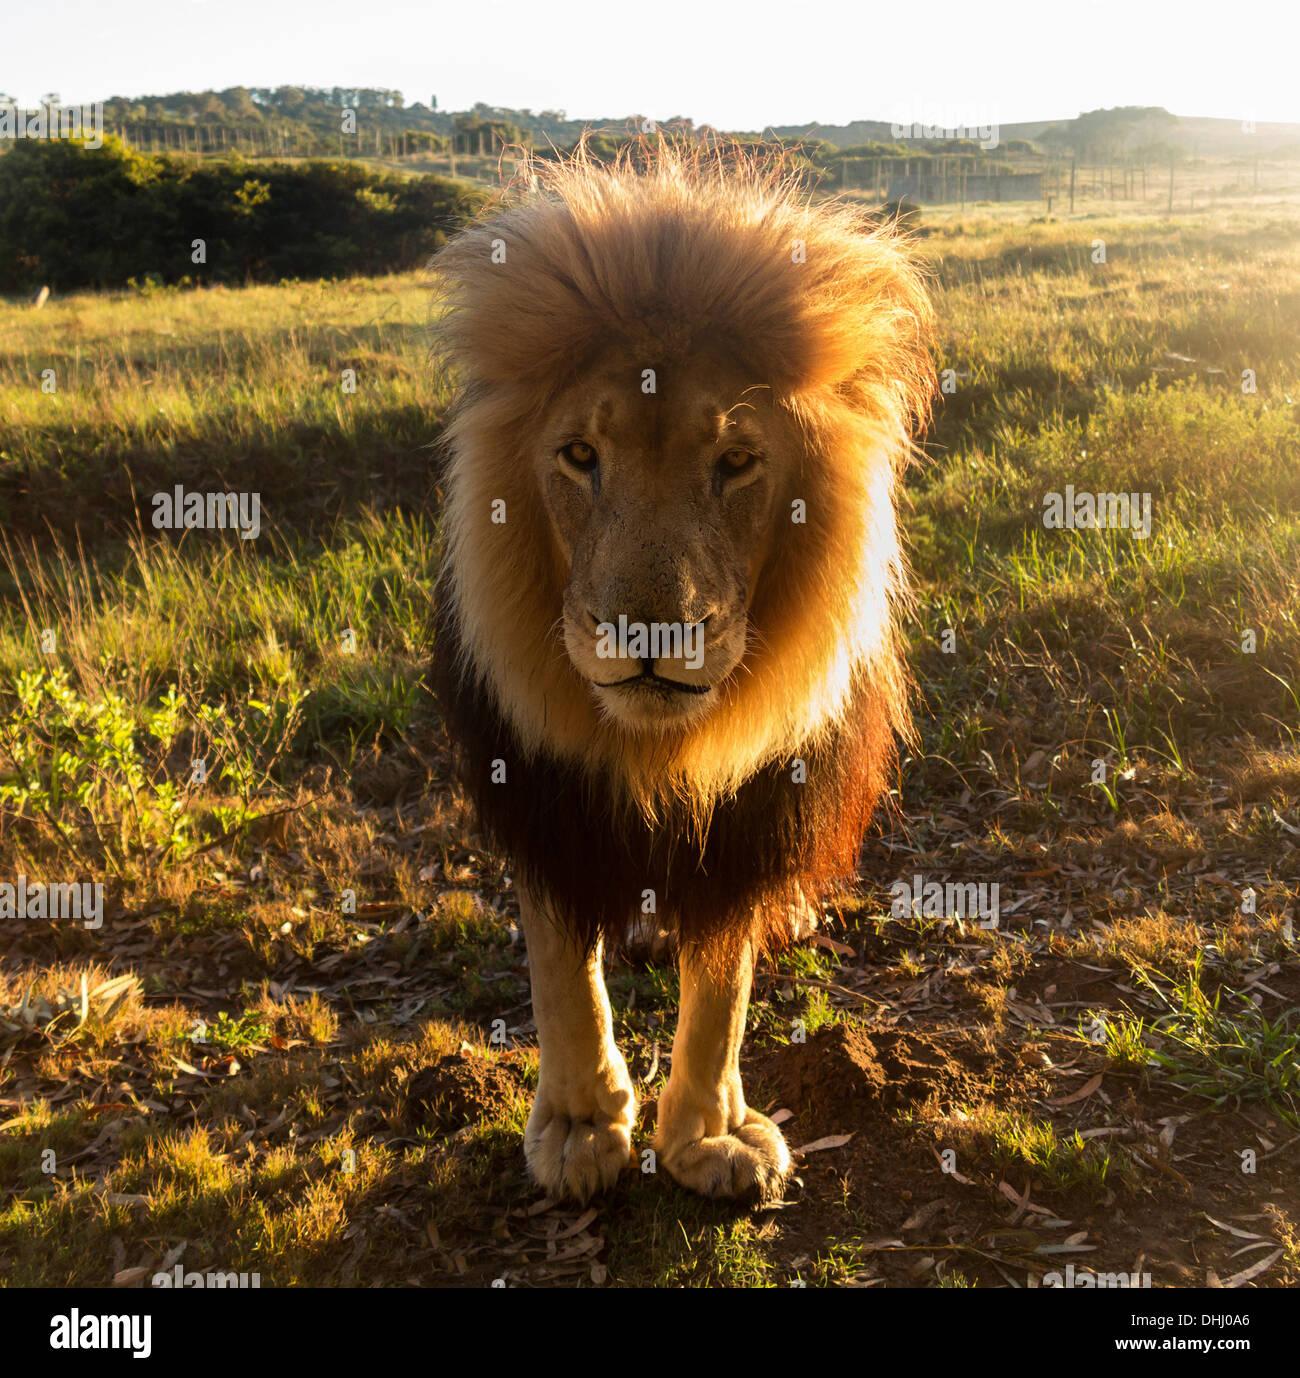 Nahaufnahme von einer alten großen männlicher Löwe schaut in die Kamera, Hintergrundbeleuchtung, Südafrika Stockfoto